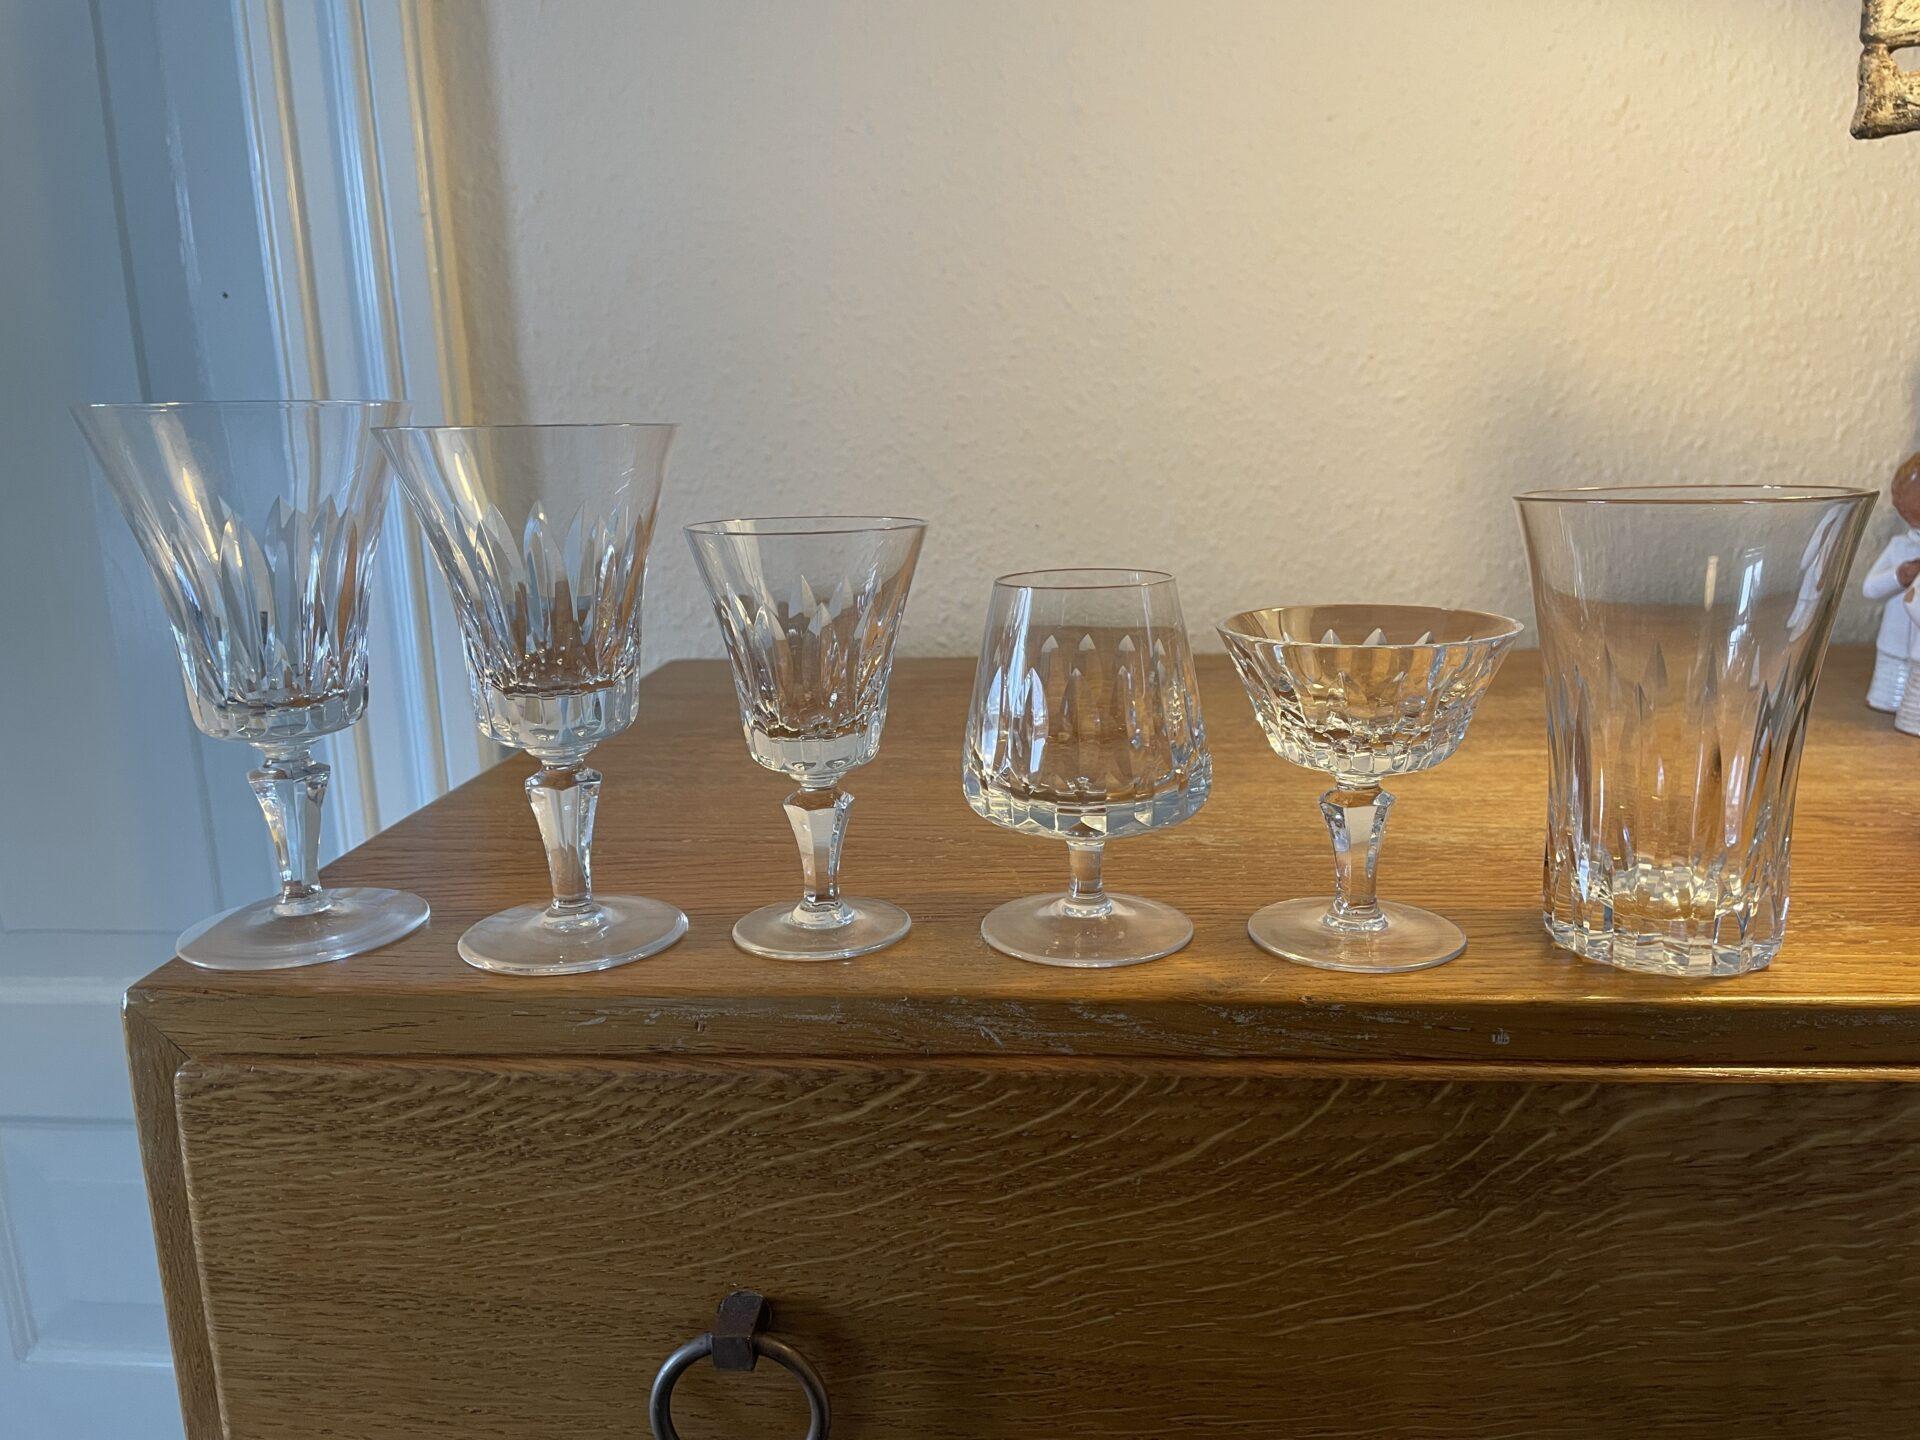 Paris, krystalglas, velholdte, (rødvin, hvidvin, hedvin, cognac, likørskåle og øl). Frit valg pr stk